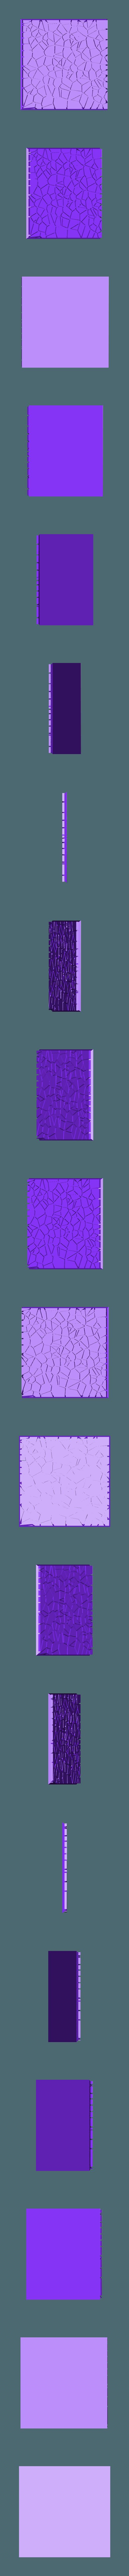 Cracked_Paving__80mm_square_3.stl Télécharger fichier STL gratuit Dallage fissuré / Bases carrées à effet de lave pour la saga Dungeon, Kingd of war, Warhammer fantasy battle etc • Objet imprimable en 3D, redstarkits